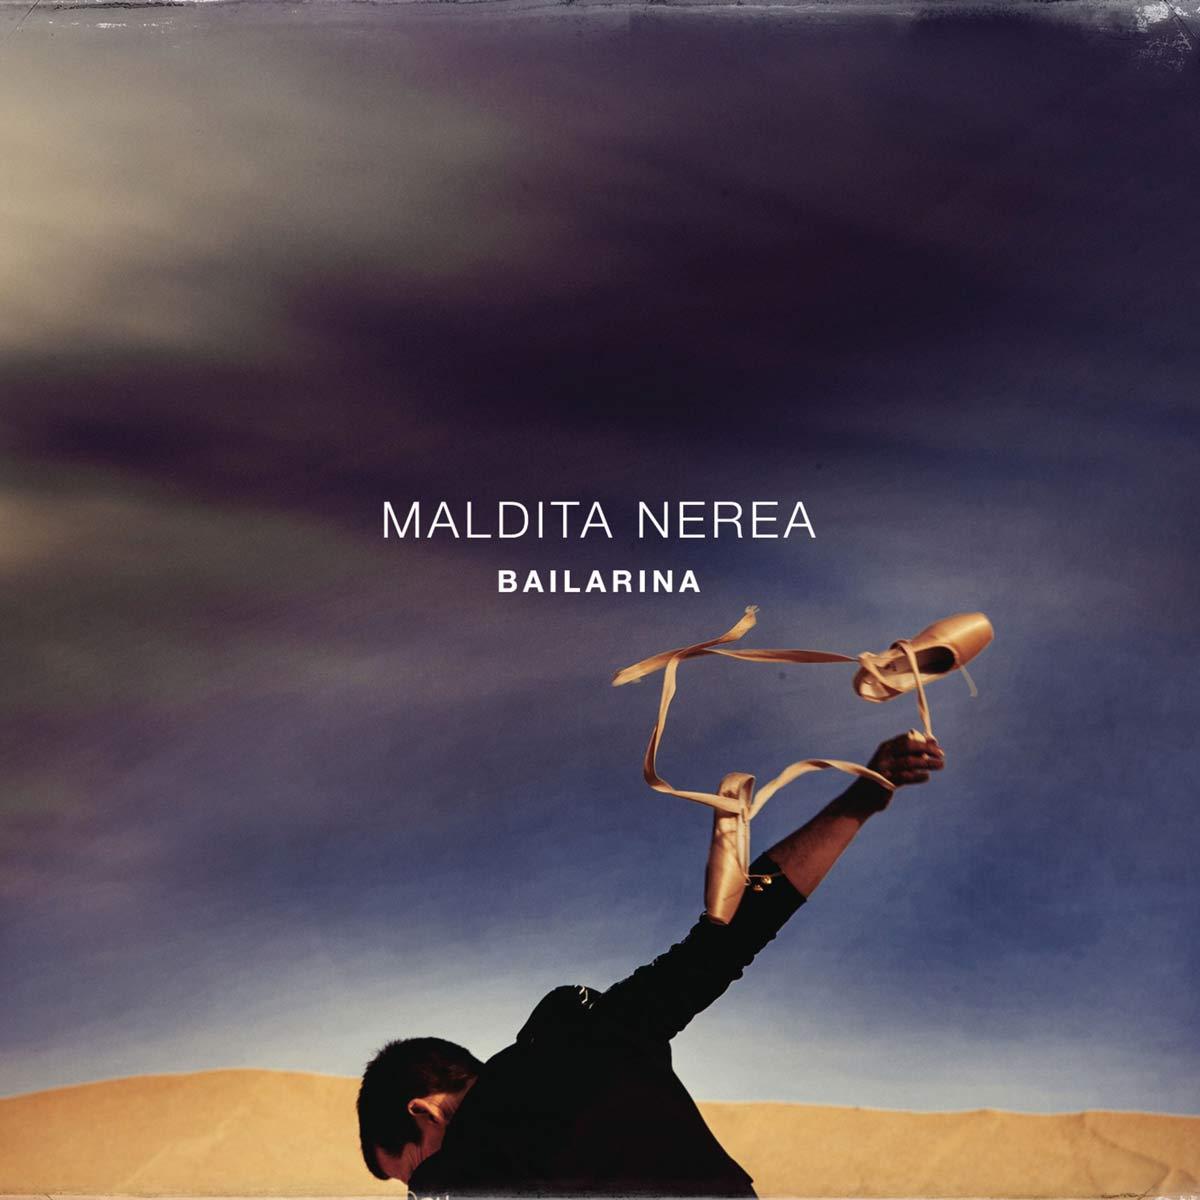 """Maldita Nerea entrega con la reserva de su álbum """"Bailarina"""" el tema 'Cuando todas las historias se acaban', con Leire Martínez"""